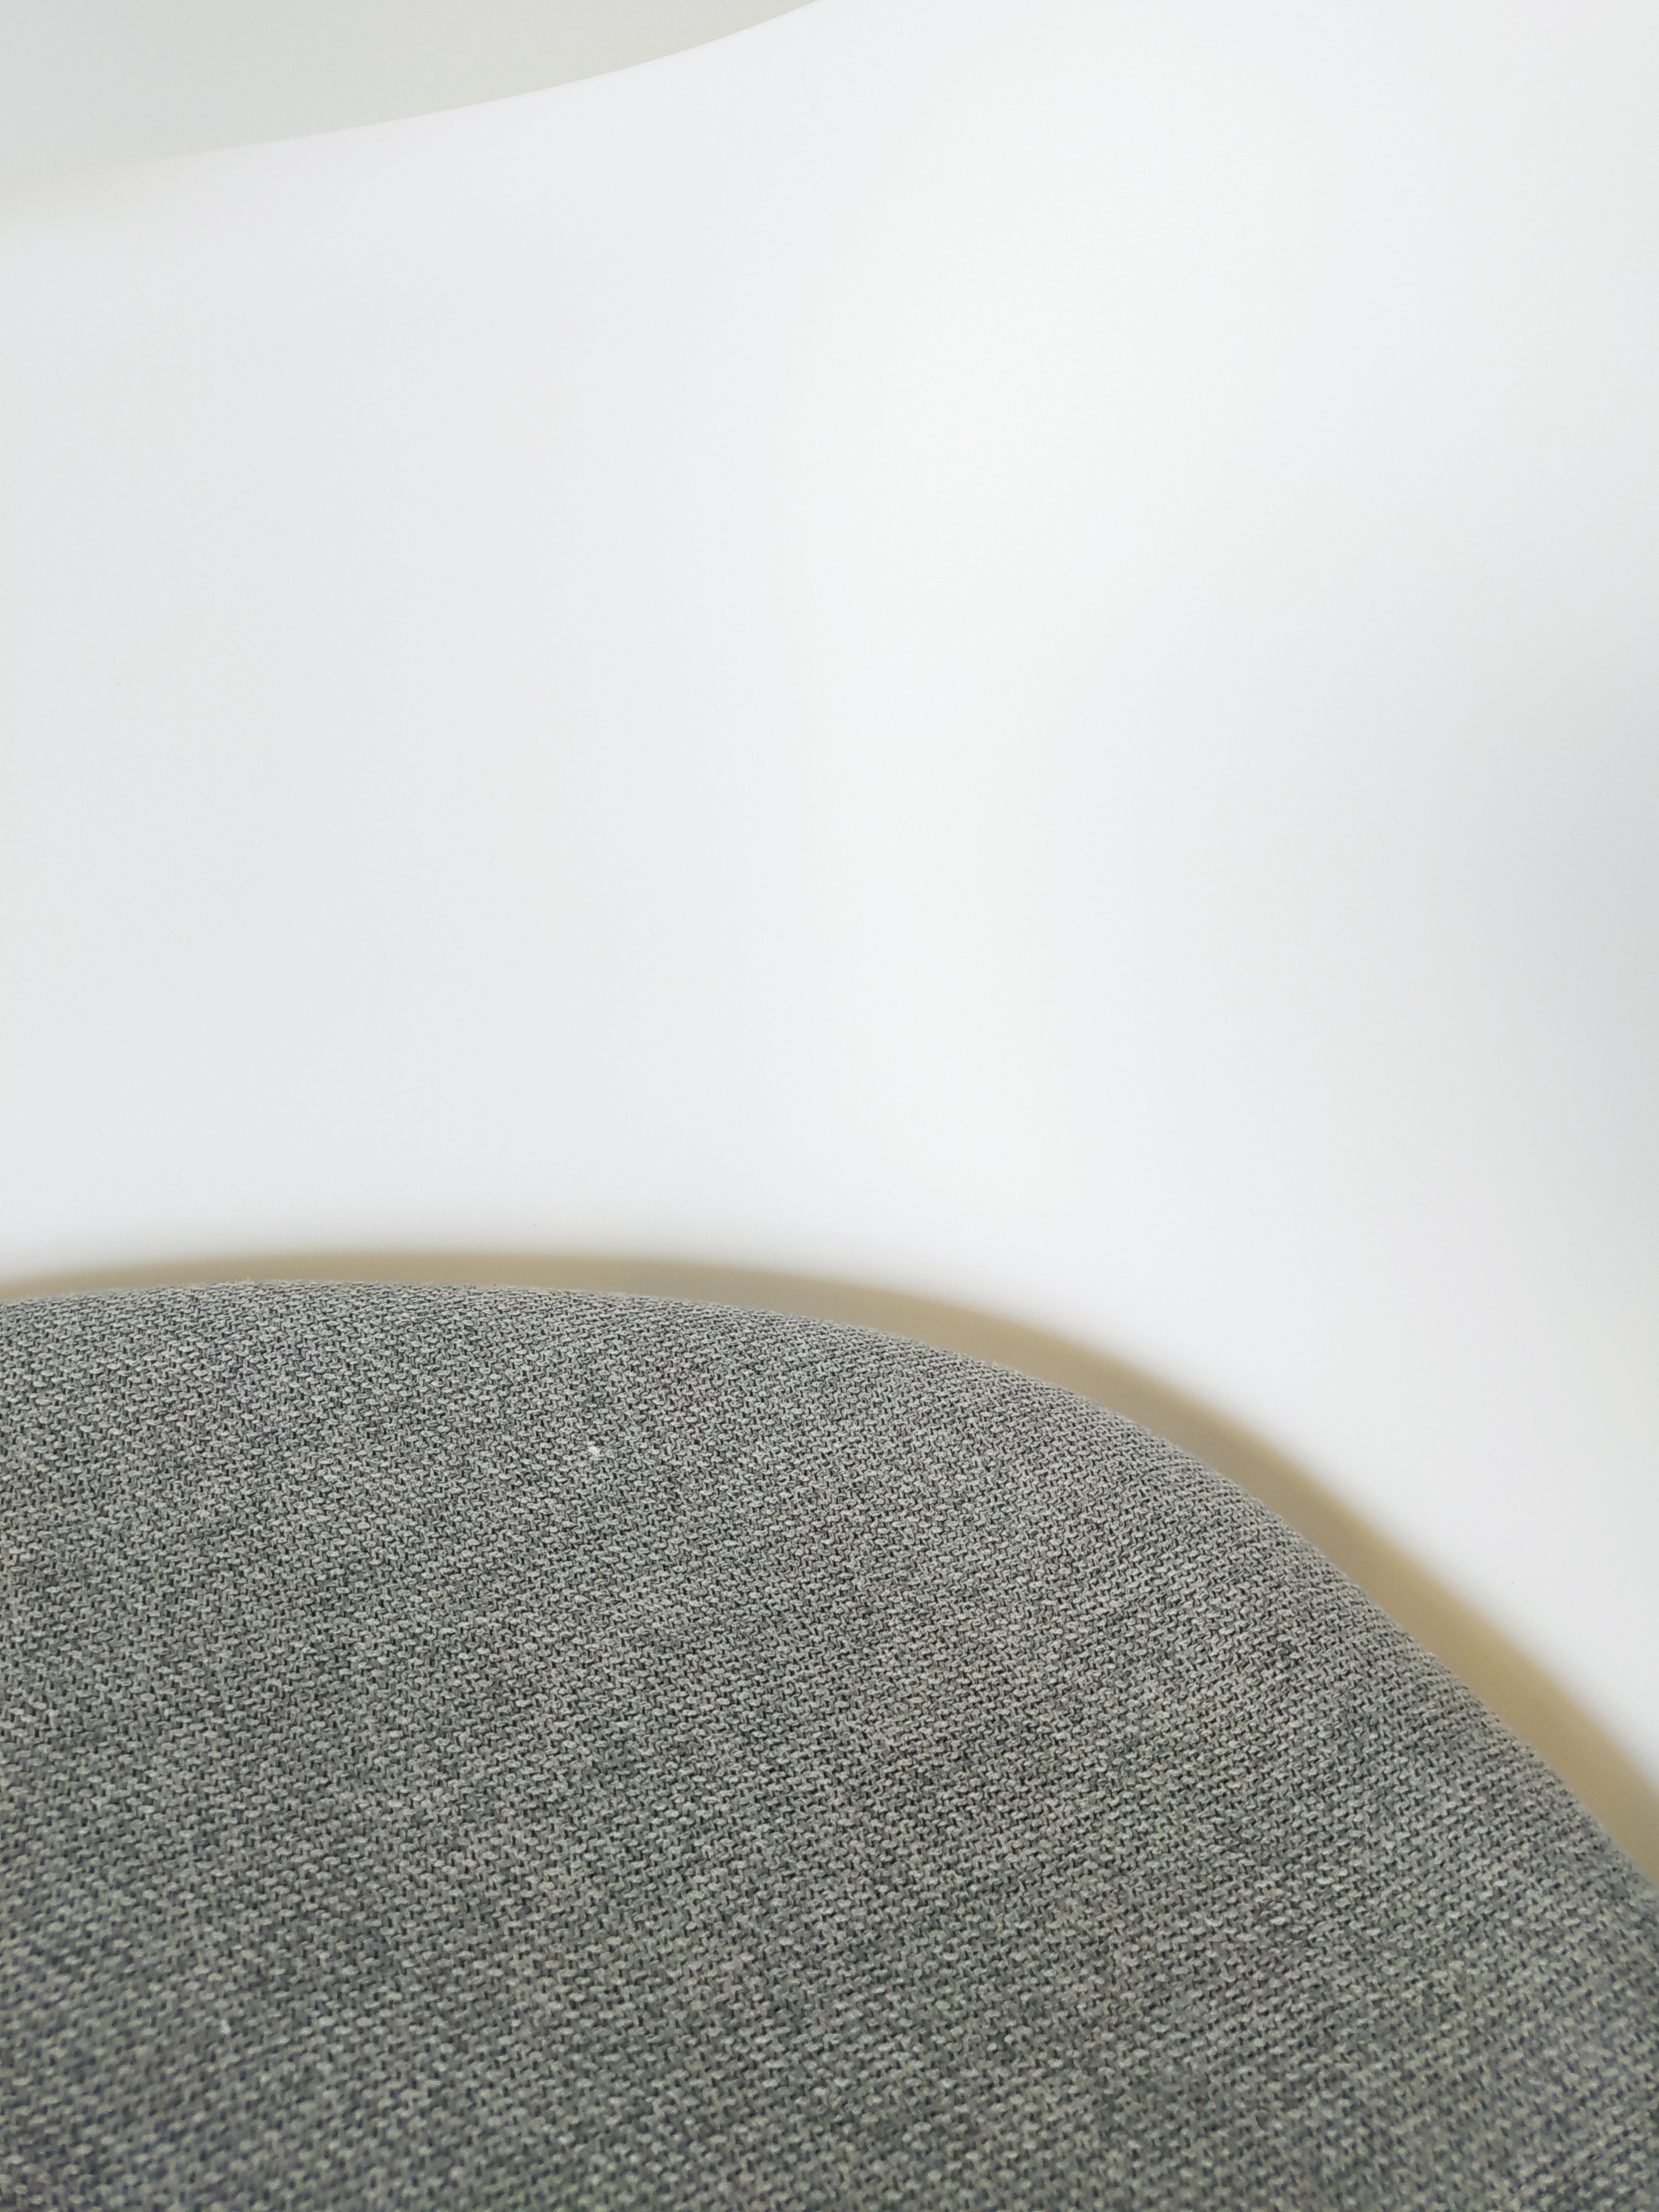 Evolution-hasselt-interieurwinkel-meubelen-design-stoelen-ohio-kuip-chair-detail